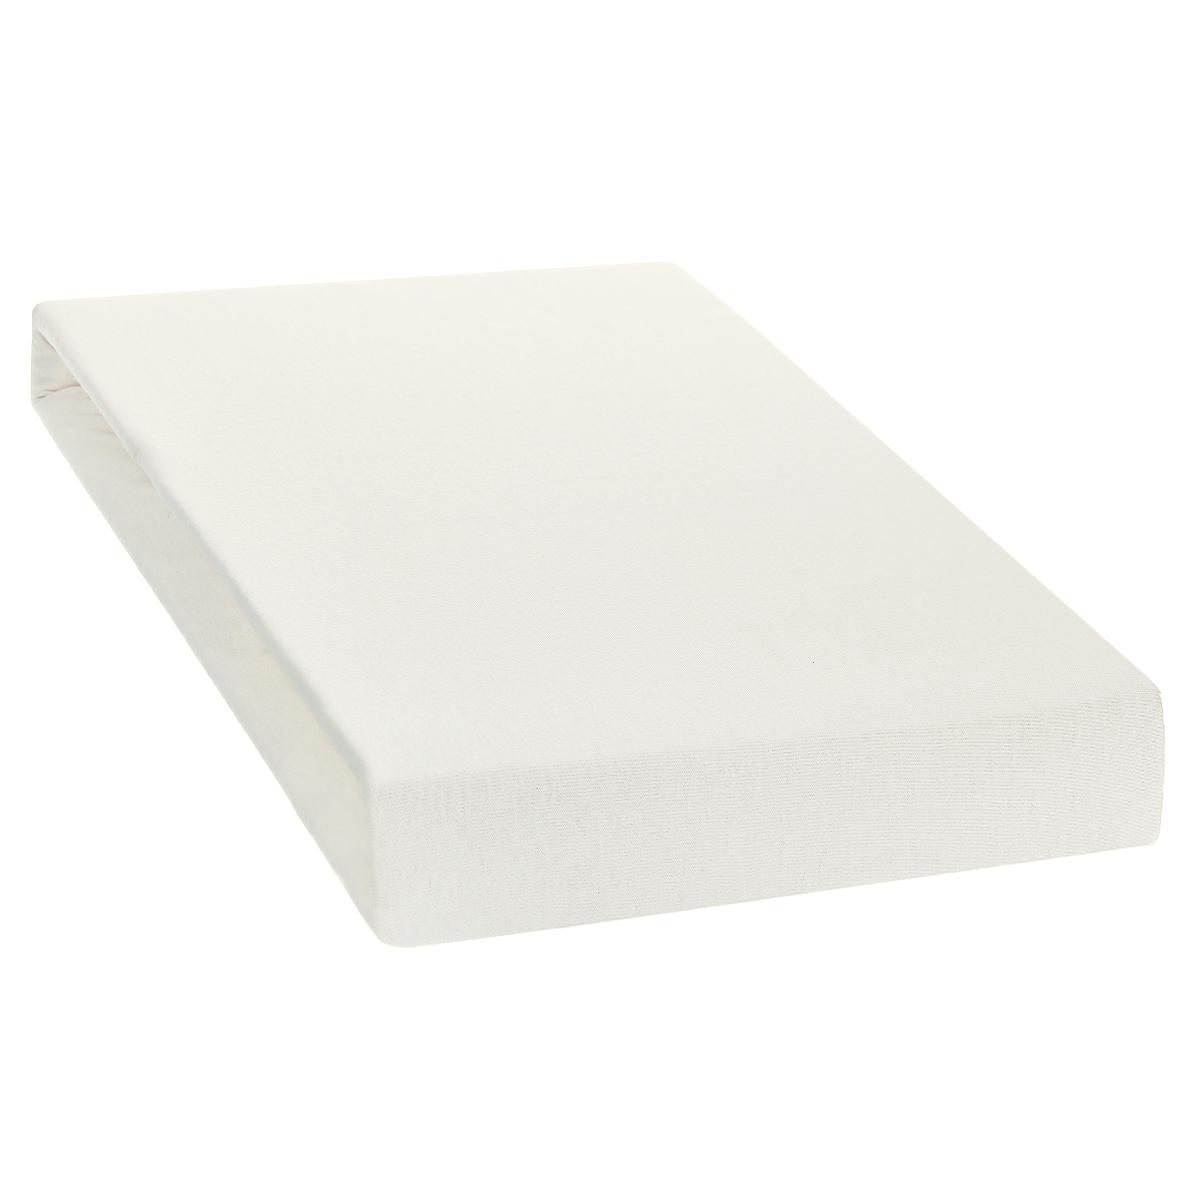 Простыня на резинке Tete-a-Tete, цвет: ваниль, 160 см х 200 смТ-ПР-3081Однотонная трикотажная простыня на резинке Tete-a-Tete выполнена из натурального хлопка. Высочайшее качество материала гарантирует безопасность не только взрослых, но и самых маленьких членов семьи. Простыня гармонично впишется в интерьер вашего дома и создаст атмосферу уюта и комфорта. Особенности коллекции Tete-a-Tete: - выдерживает более 100 стирок практически без изменения внешнего вида, - модные цвета и стойкие оттенки, - минимальная усадка, - надежные резинки и износостойкая ткань, - безупречное качество, - гиппоаллергенно. Коллекция Tete-a-Tete специально создана для практичных людей, которые ценят качество и долговечность вещей, окружают своих близких теплотой и заботой.